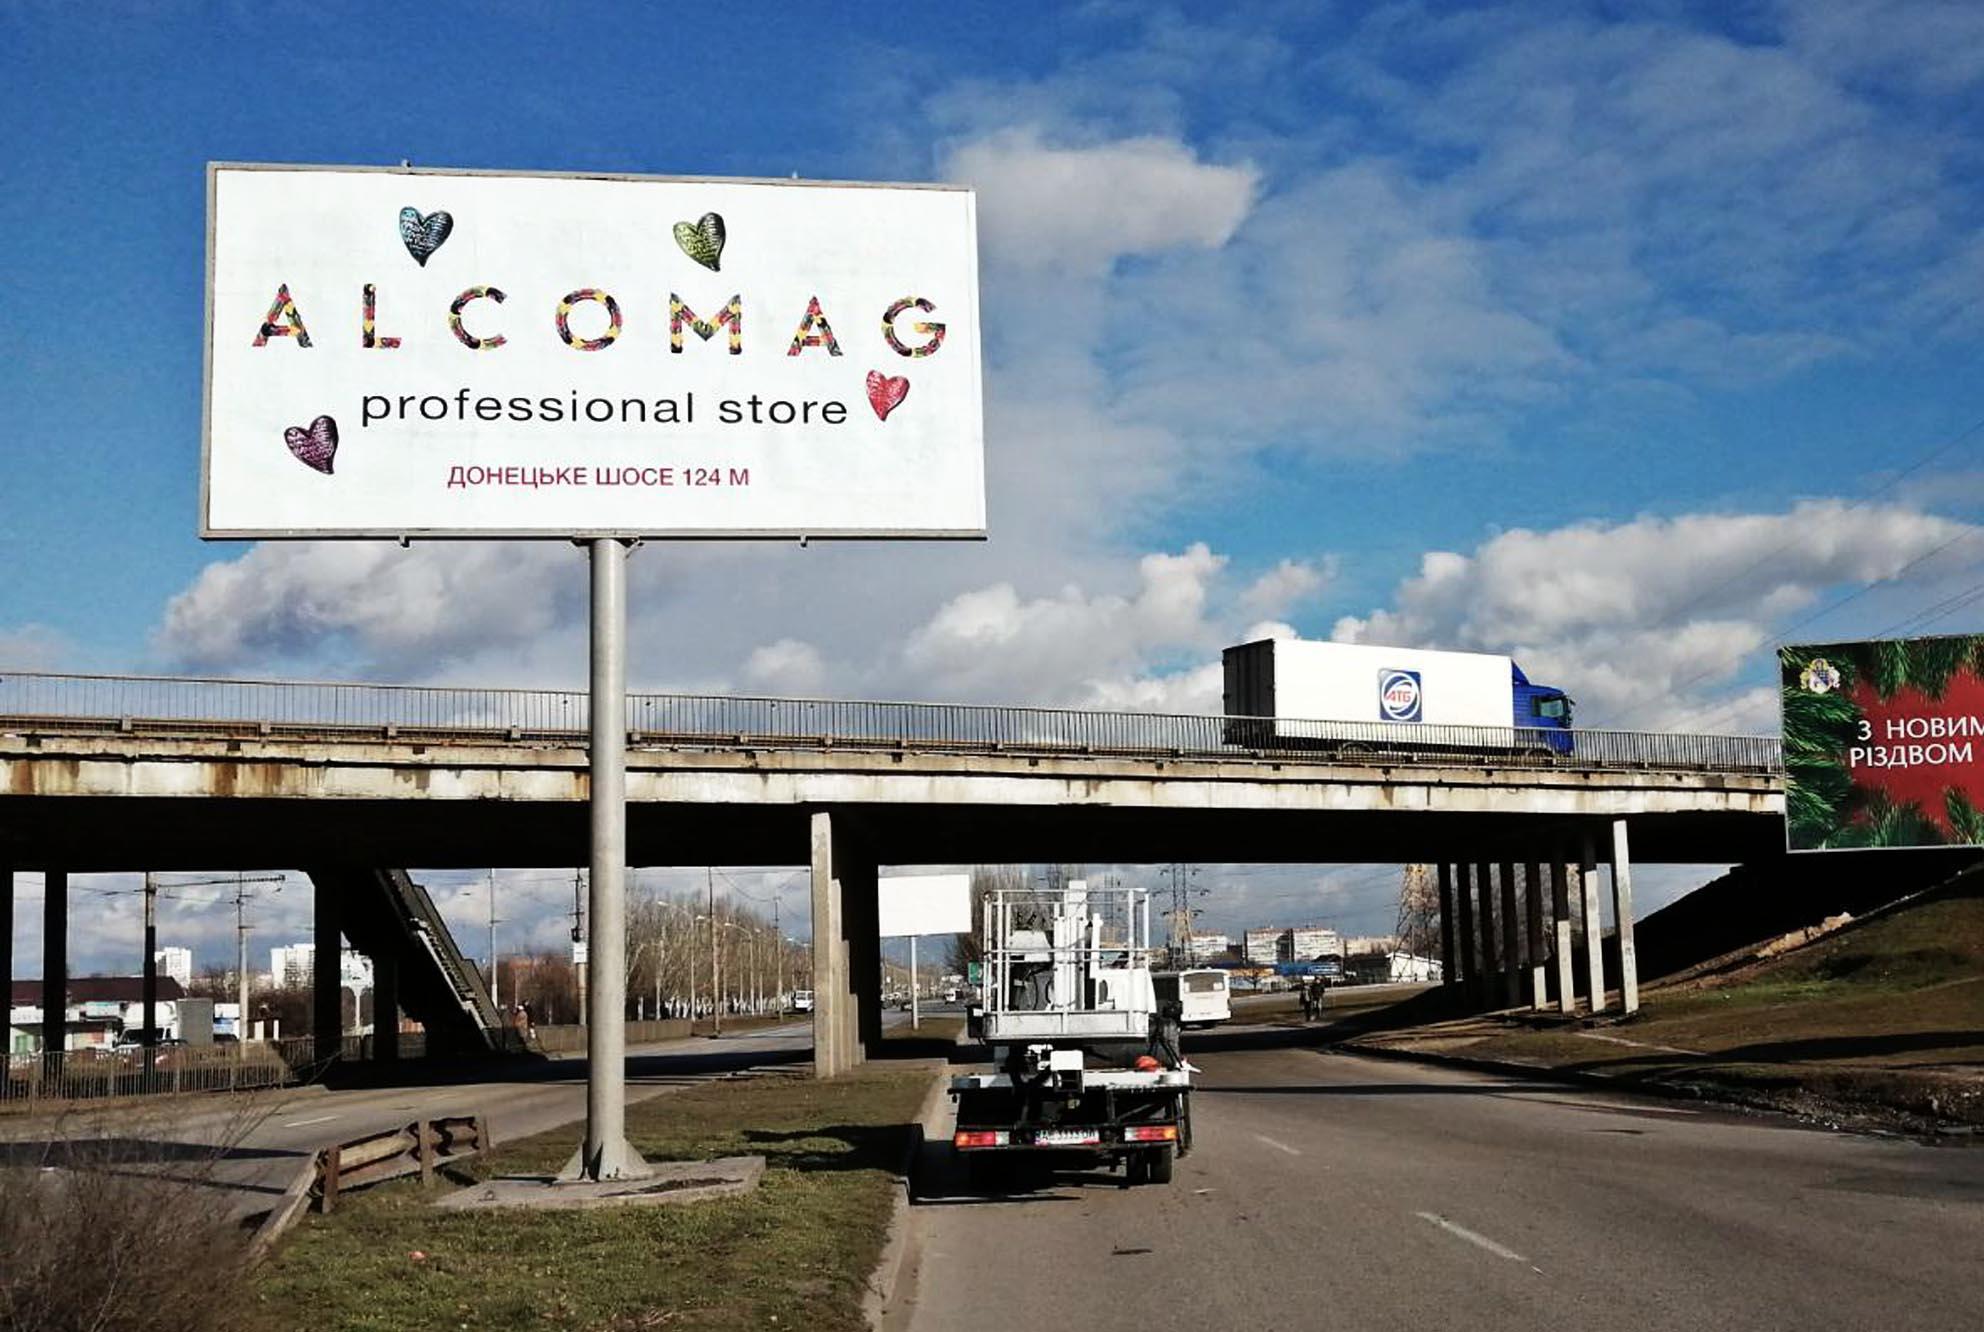 Старт масштабної рекламної кампанії для мережі магазинів Алкомаг